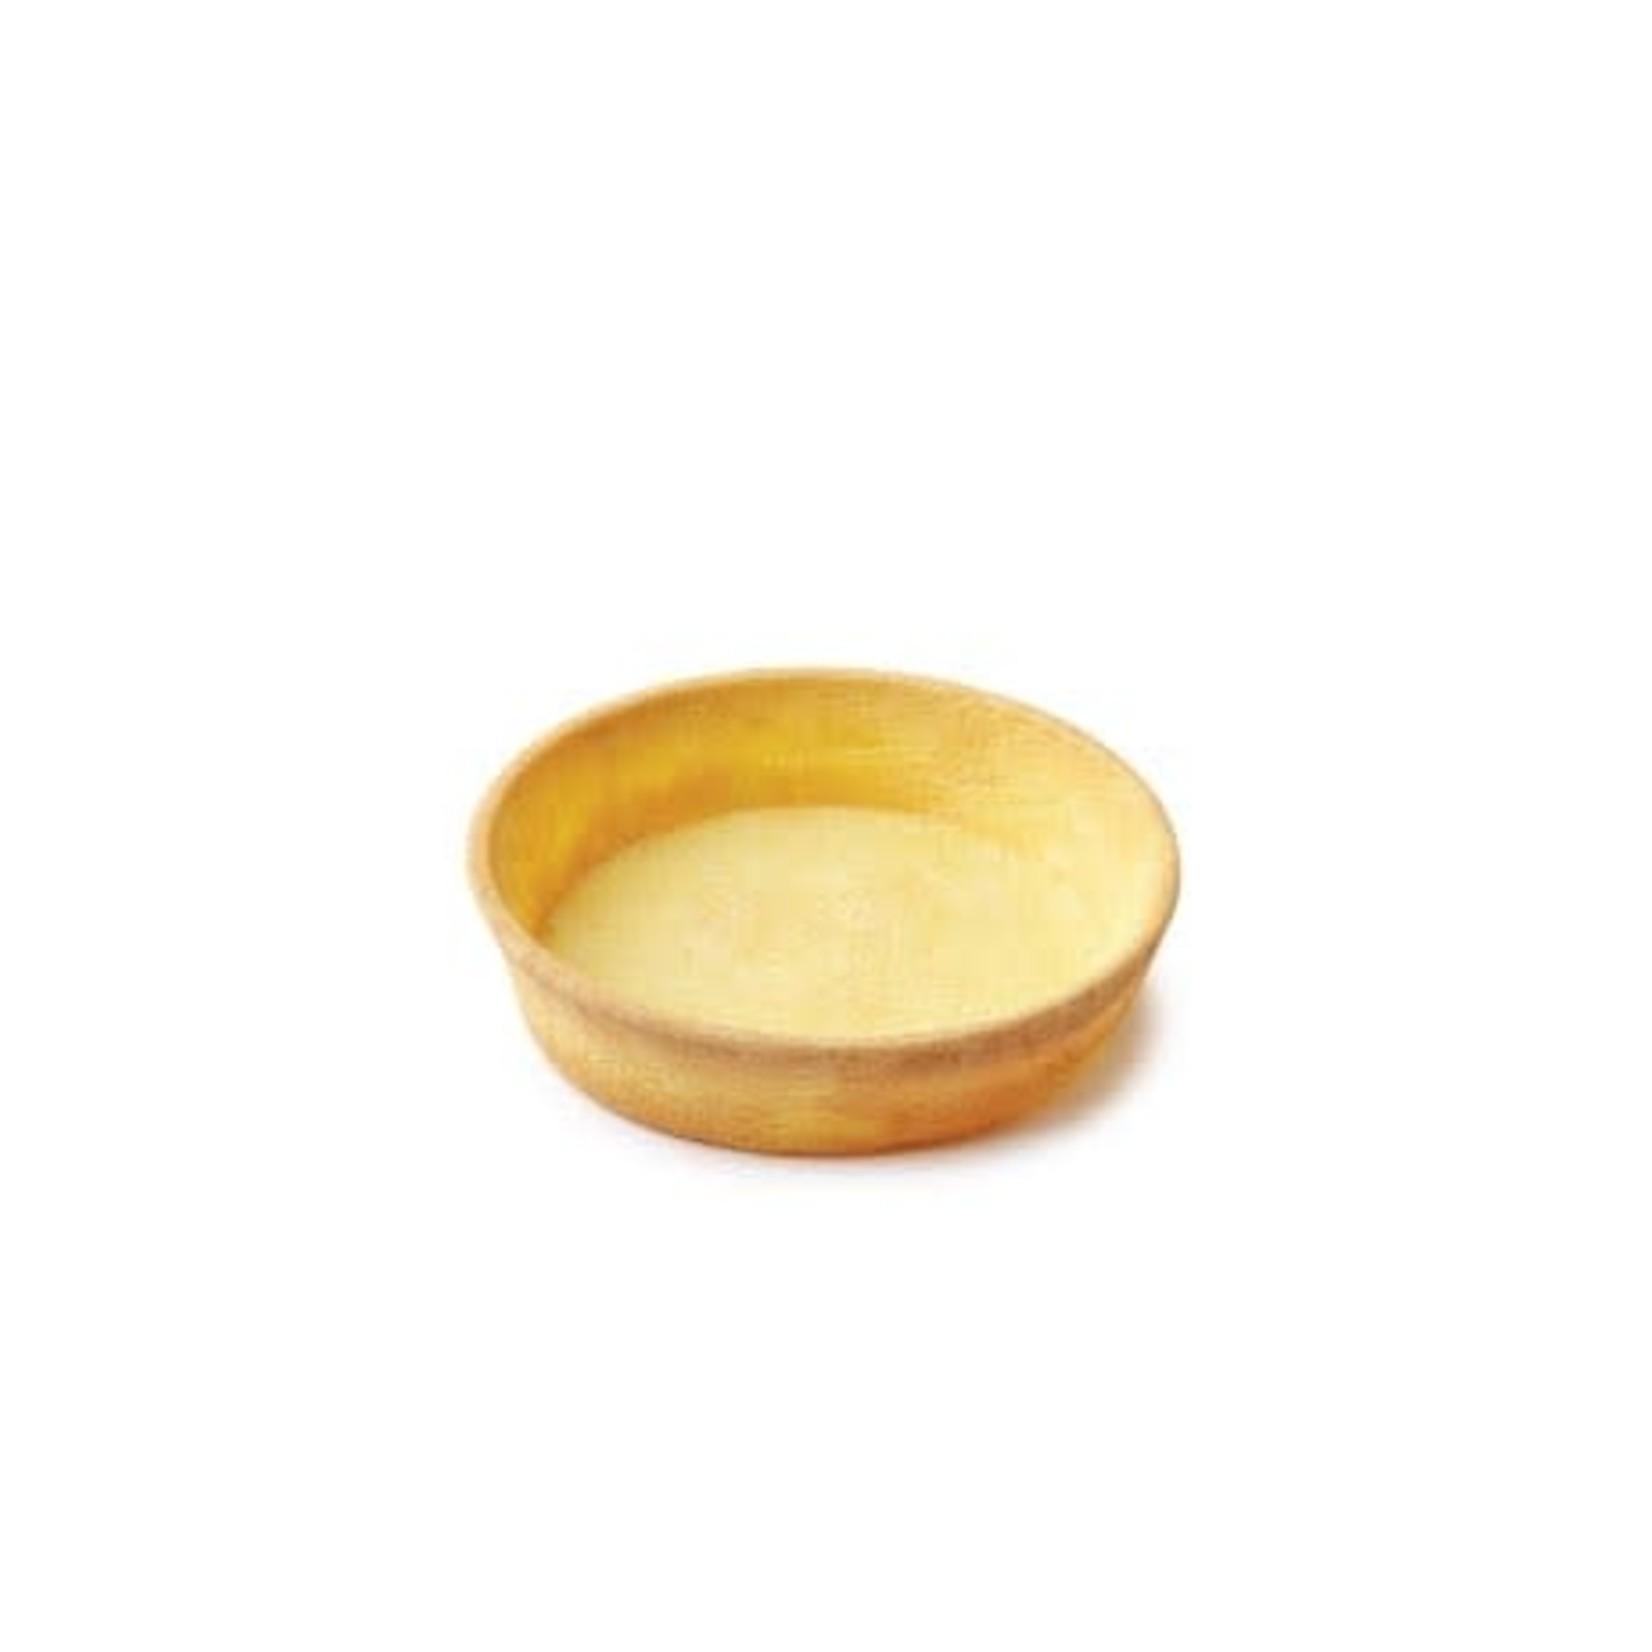 Pidy Pidy - Tart shell, Gluten Free Sweet round - 3.25'' (27ct), 749.02.027US